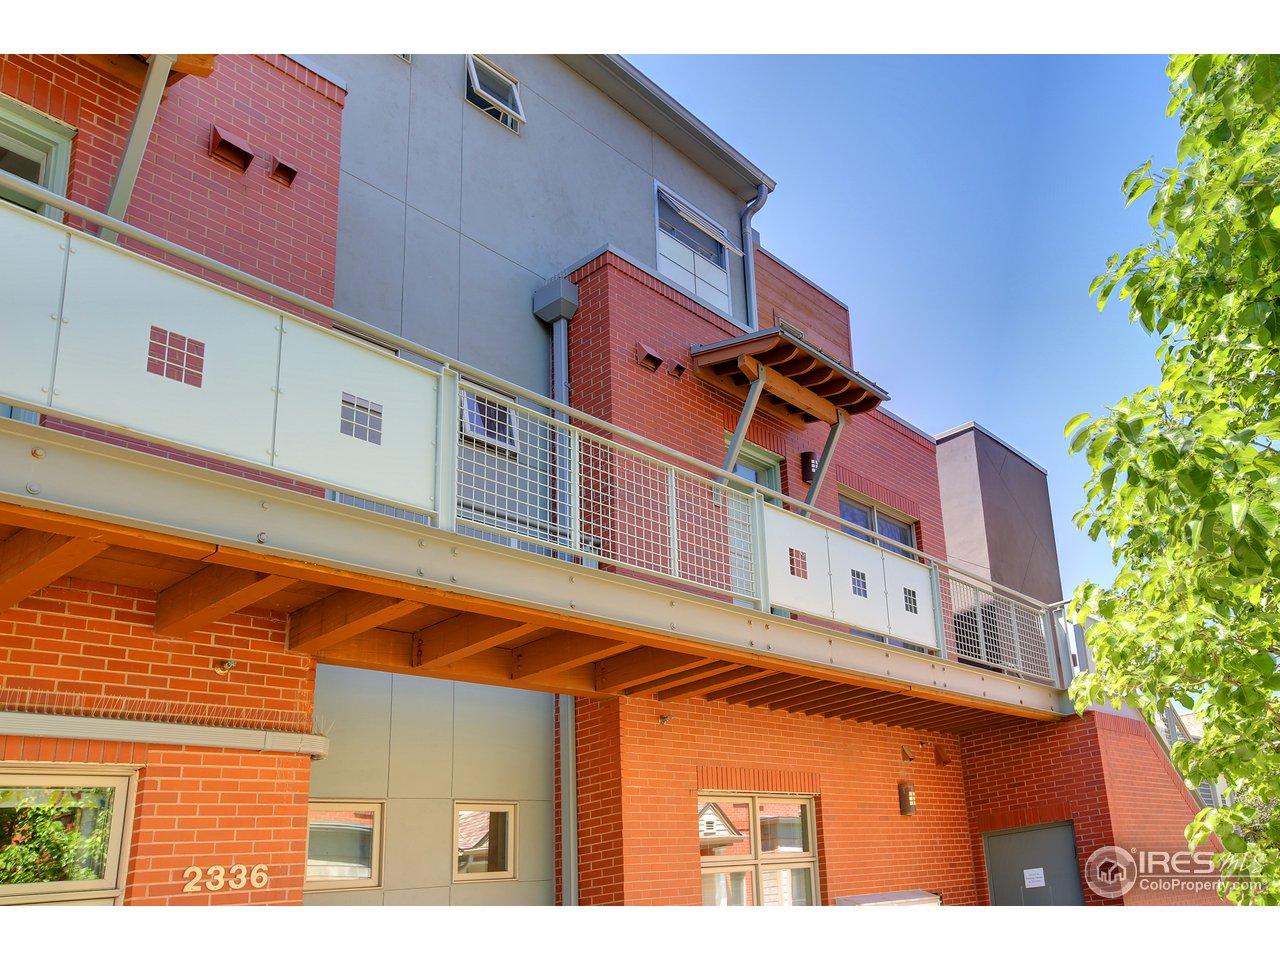 2336 Spruce St C, Boulder CO 80302